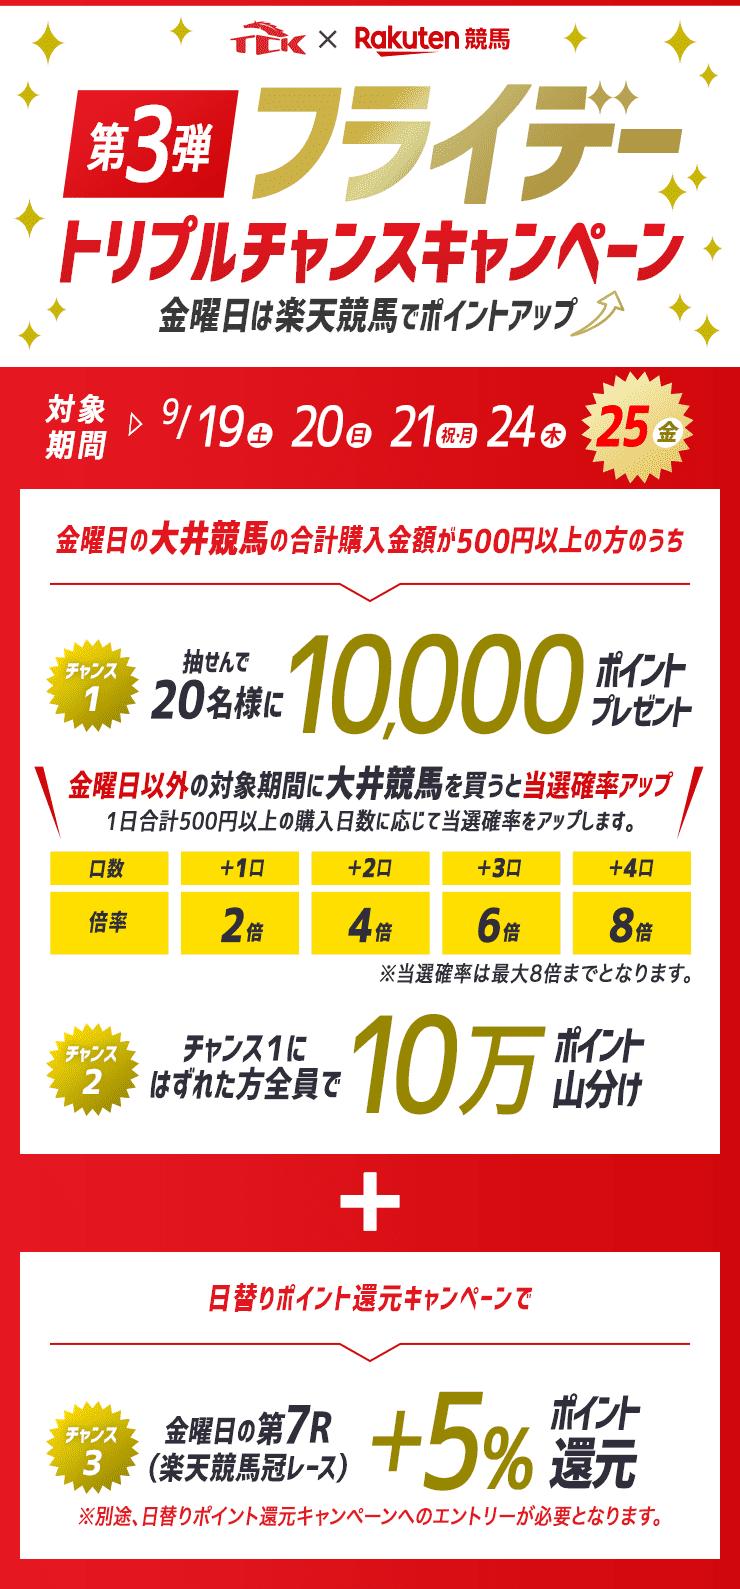 第三弾TCKフライデートリプルチャンスキャンペーン~金曜日は楽天競馬でポイントアップ~